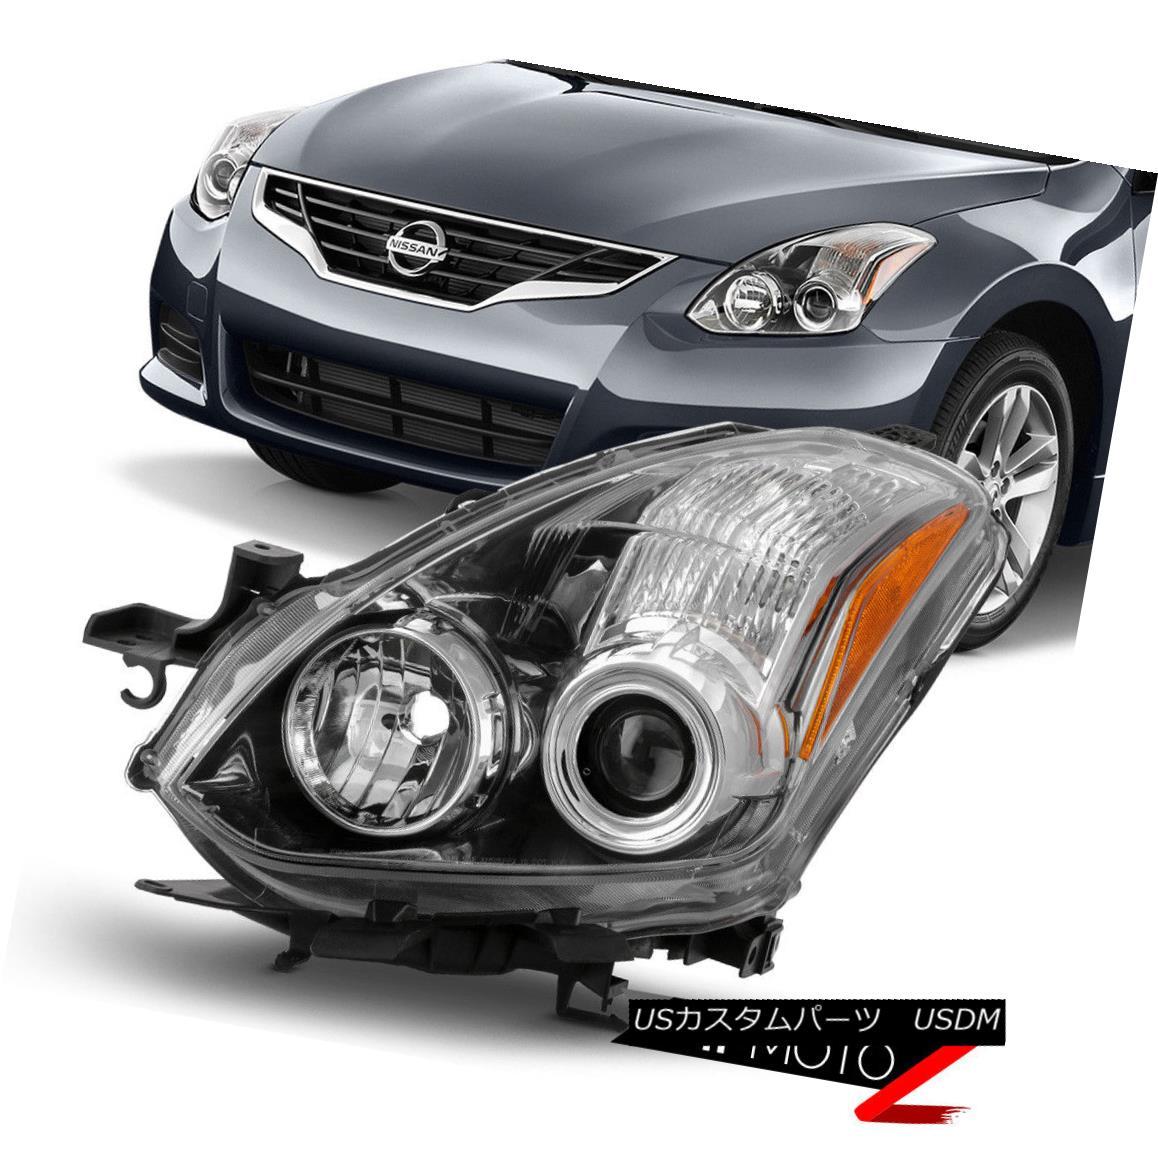 ヘッドライト {FACTORY STYLE} Fits 2010-2013 Nissan Altima Coupe Replace Driver Side Headlamp {FACTORY STYLE}フィット2010-2013日産アルティマクーペ交換ドライバーサイドヘッドランプ